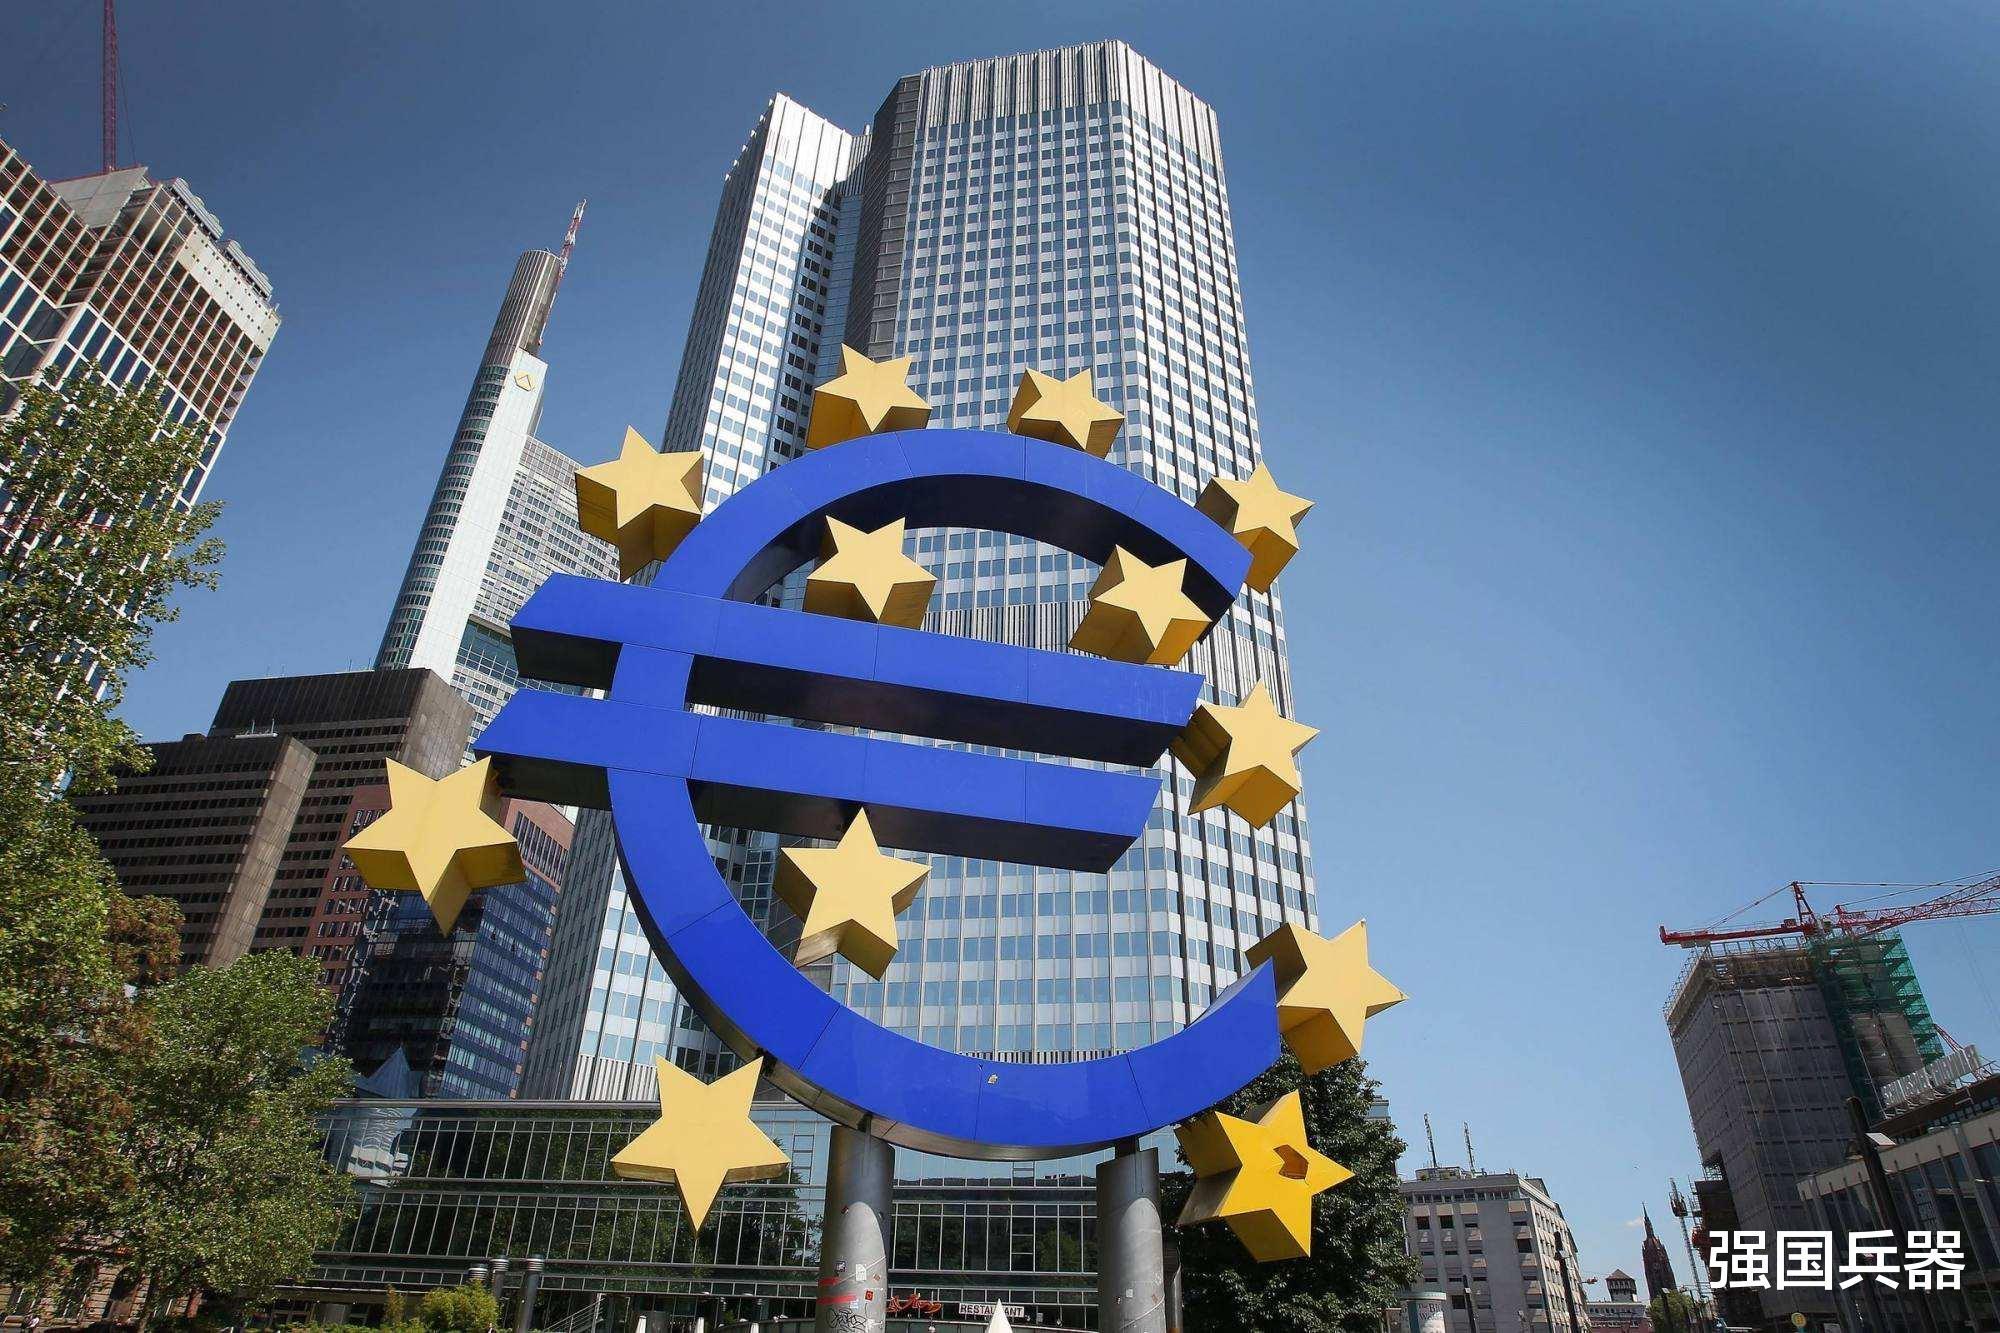 地位顯著提高?新冠席卷全球之際!歐盟希望中國就全球新冠做努力-圖2